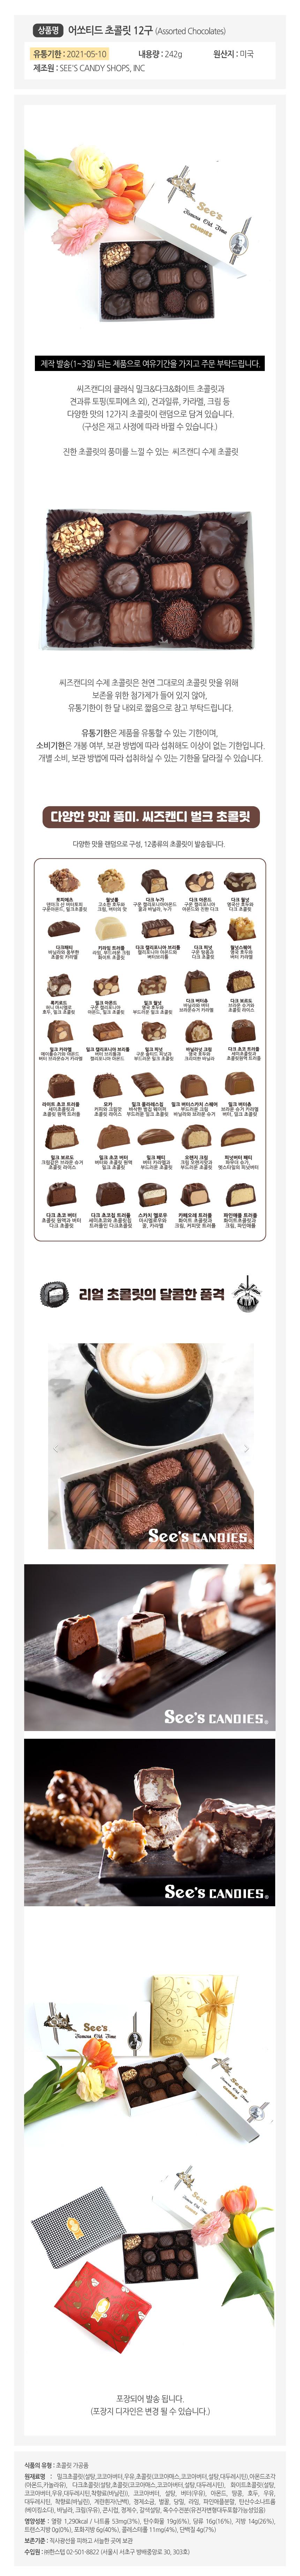 bulk_chocolates_12_2021.jpg